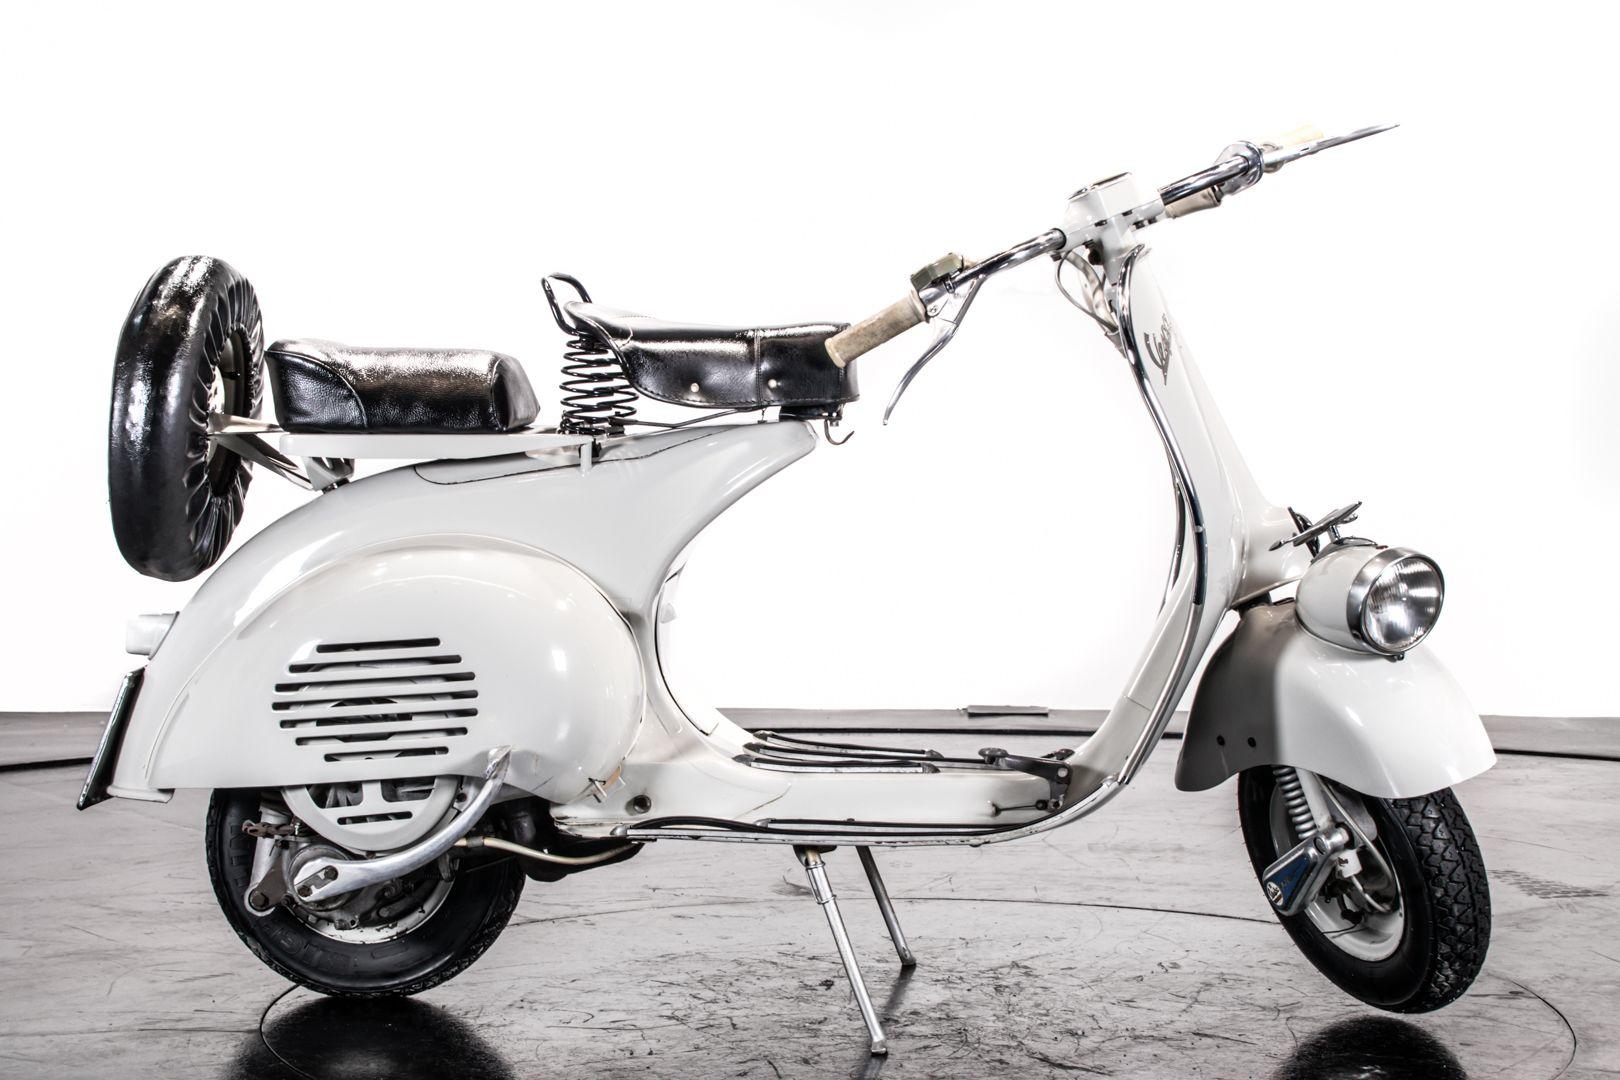 1957 Piaggio Vespa 125 Faro Basso '57 68779